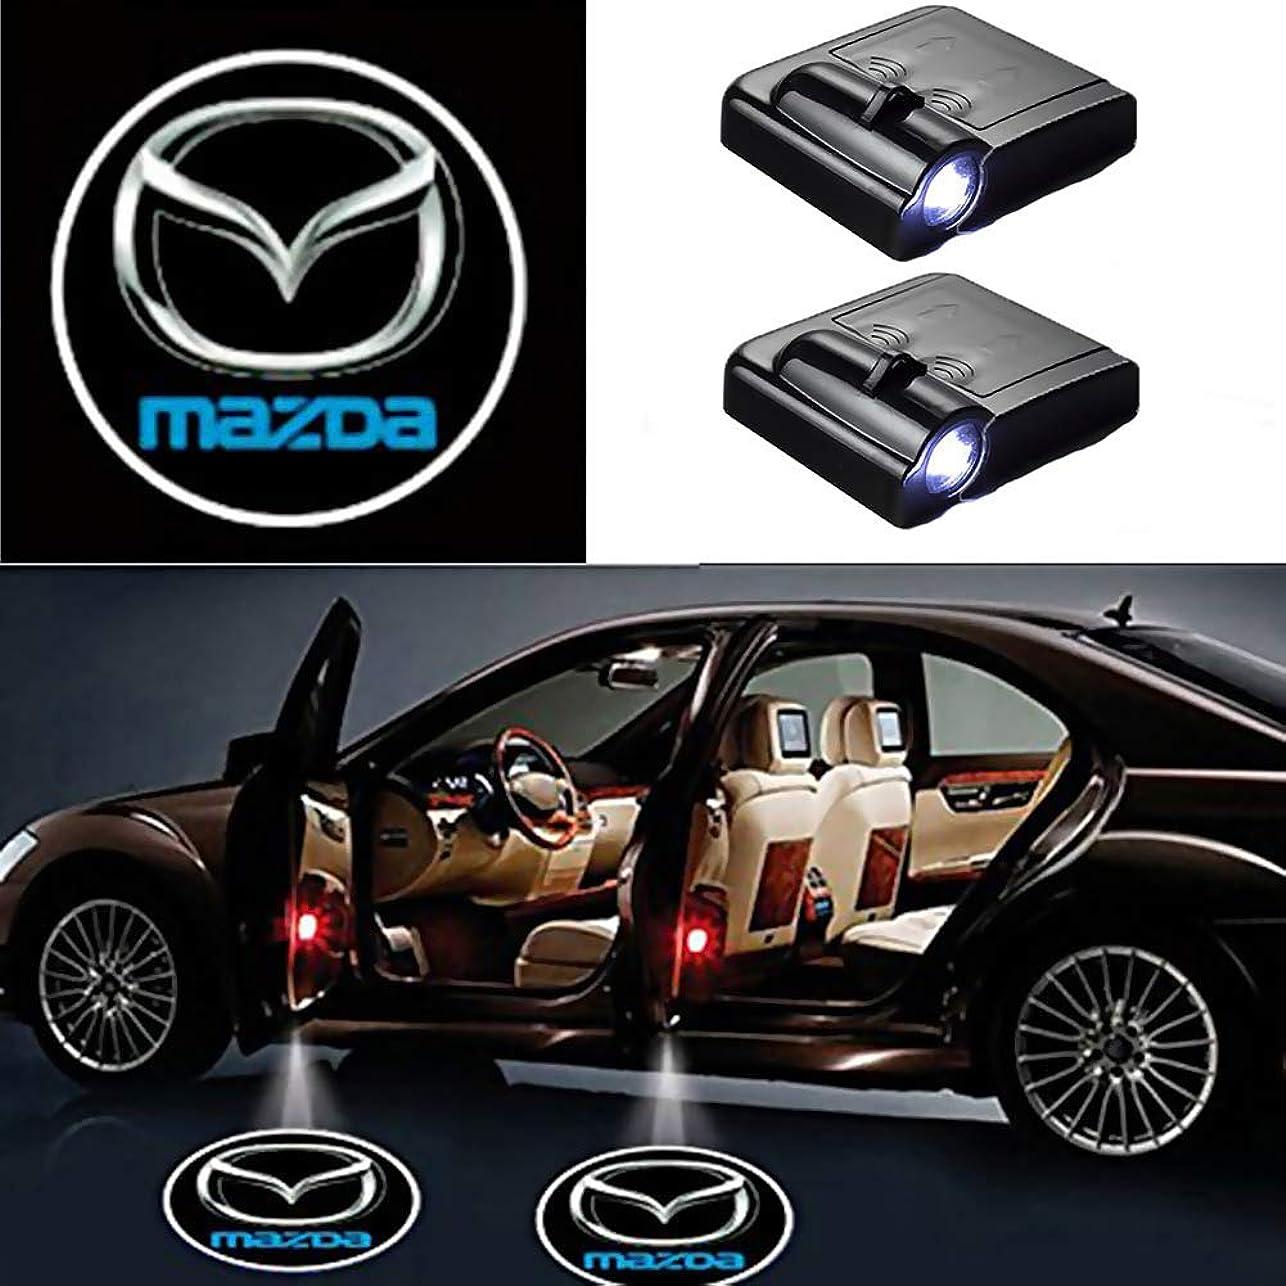 ワードローブサーマル取るBesline LED カーテシランプ 2個セット 全18種類 選択可 カーテシライト ゴーストシャドーライト 投影用フィルム 取り付け簡単 配線不要 ドアカーテシランプ レーザーロゴライト ドアウェルカムライト (Jeep)